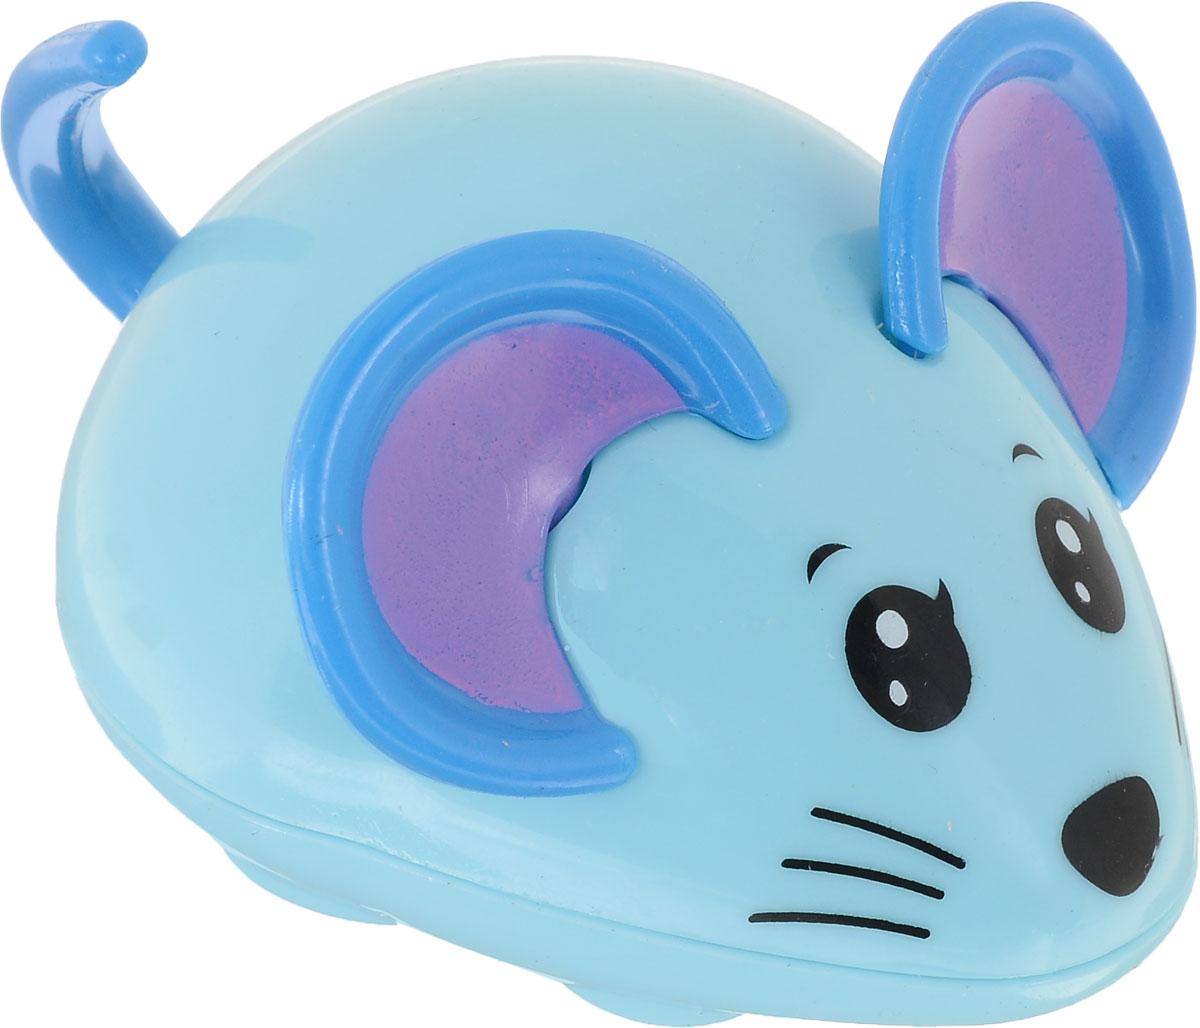 Bampi Заводная игрушка Мышка цвет голубой silverlit с бластером 1 бластер 3 мишени